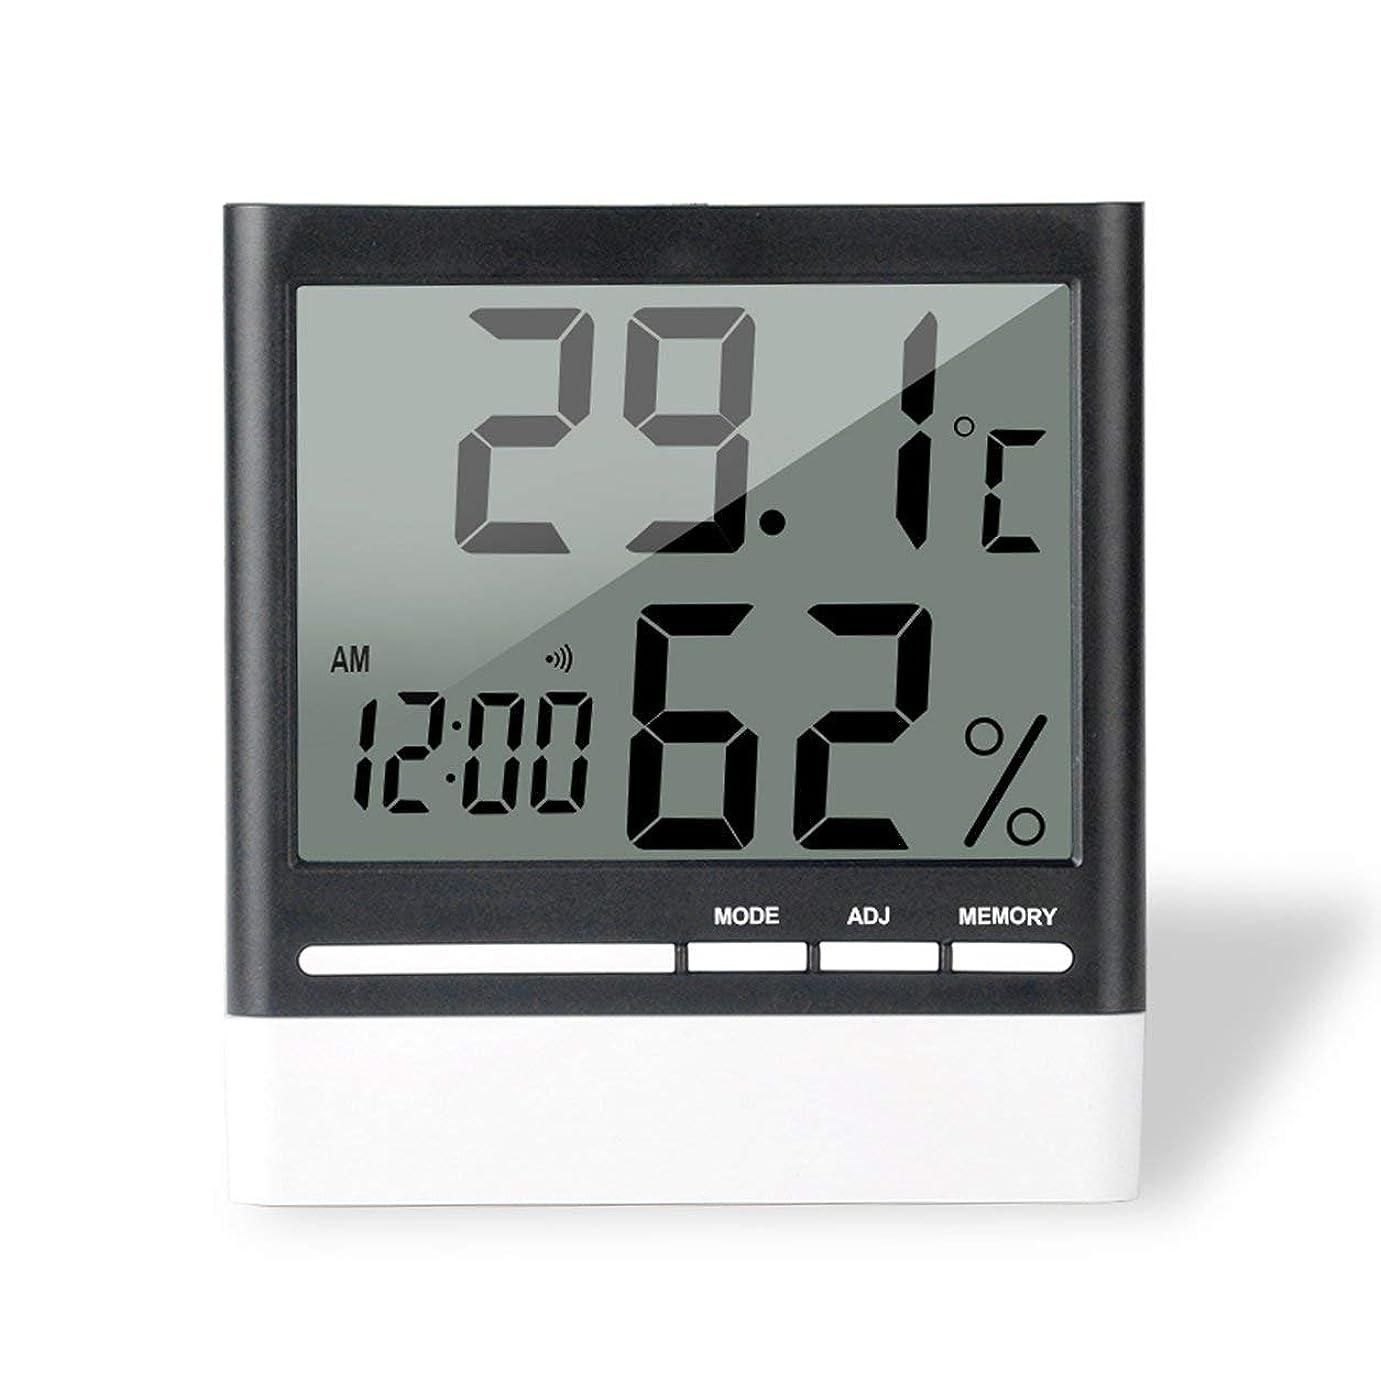 熱狂的な受信機Saikogoods 電子体温計湿度計 デジタルディスプレイ 温度湿度モニター アラーム時計 屋内家庭用 ブラック